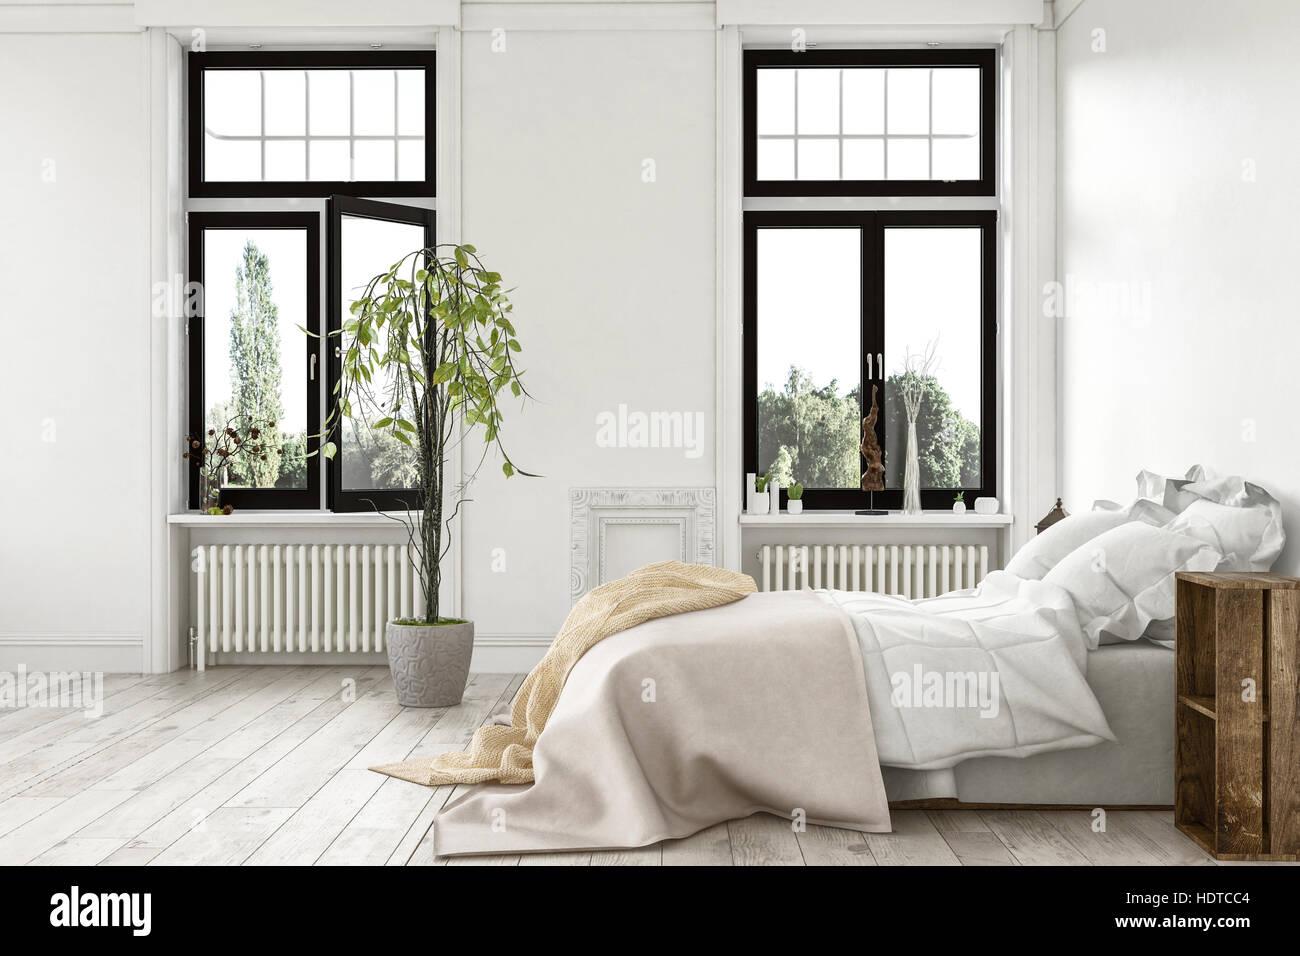 Chambre de luxe moderne et lumineux avec de grandes fenêtres donnant ...